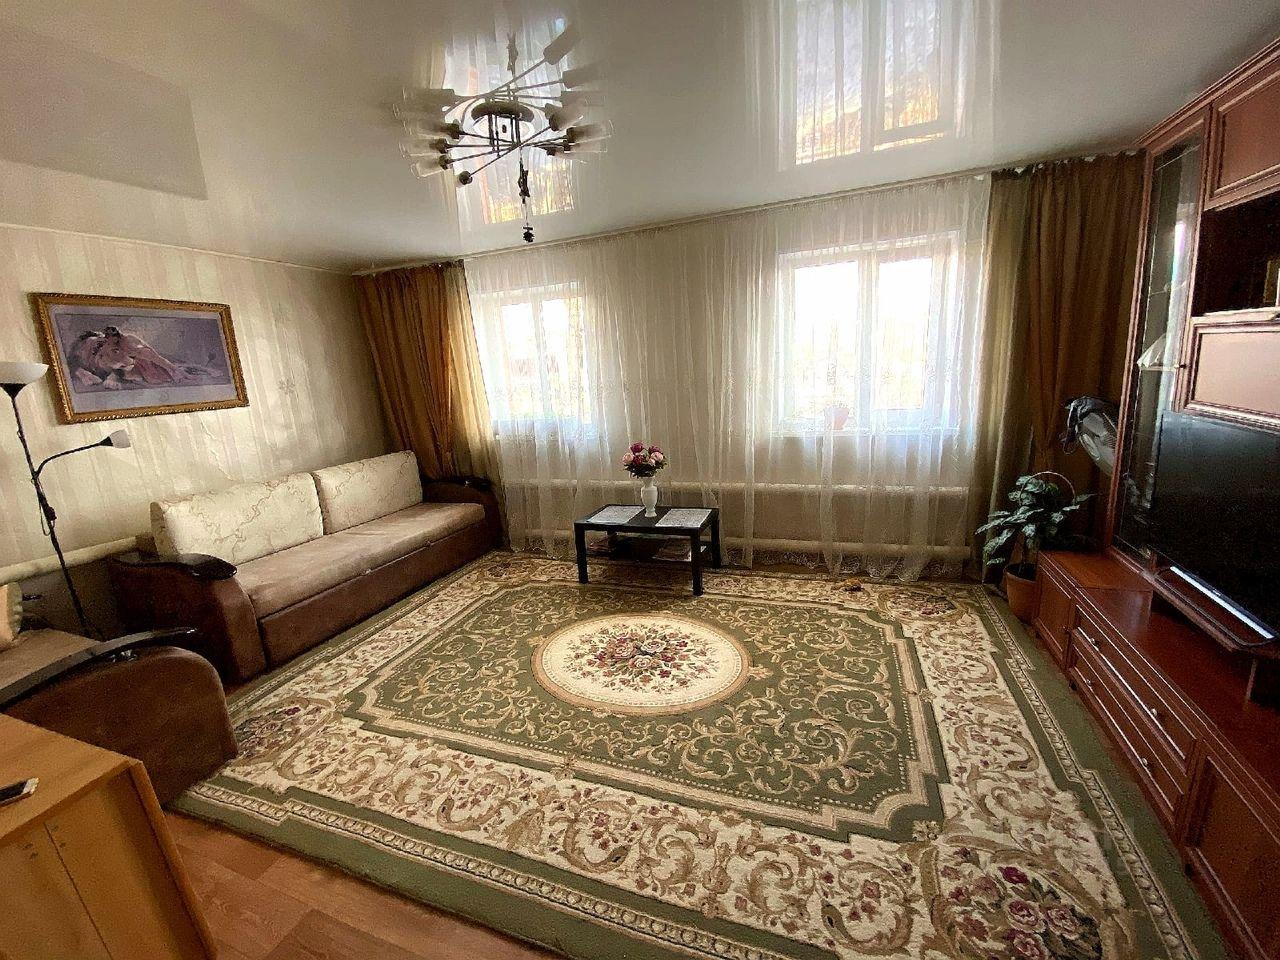 Купить дом 68м² ул. Дундича, Копейск, Челябинская область - база ЦИАН, объявление 236791464